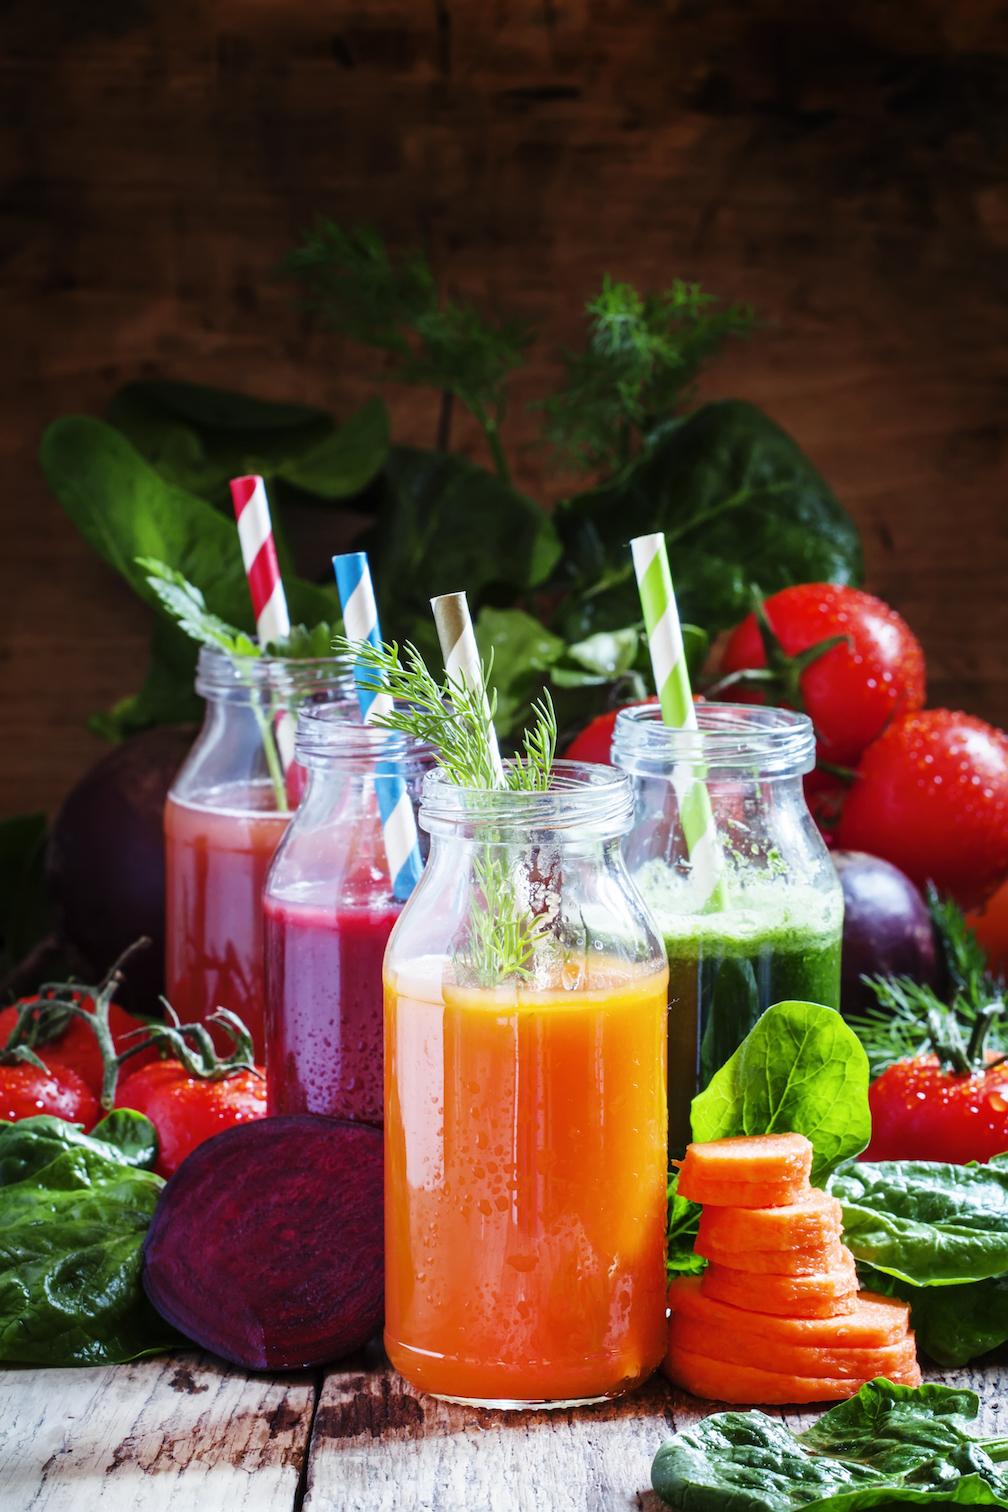 gesundheit mit ernährung ursula schöller icking beratung zu den Themen Gesundheit, Ernährung, Intoleranzen, Burnout, Anti Aging, Gewichtsreduktion